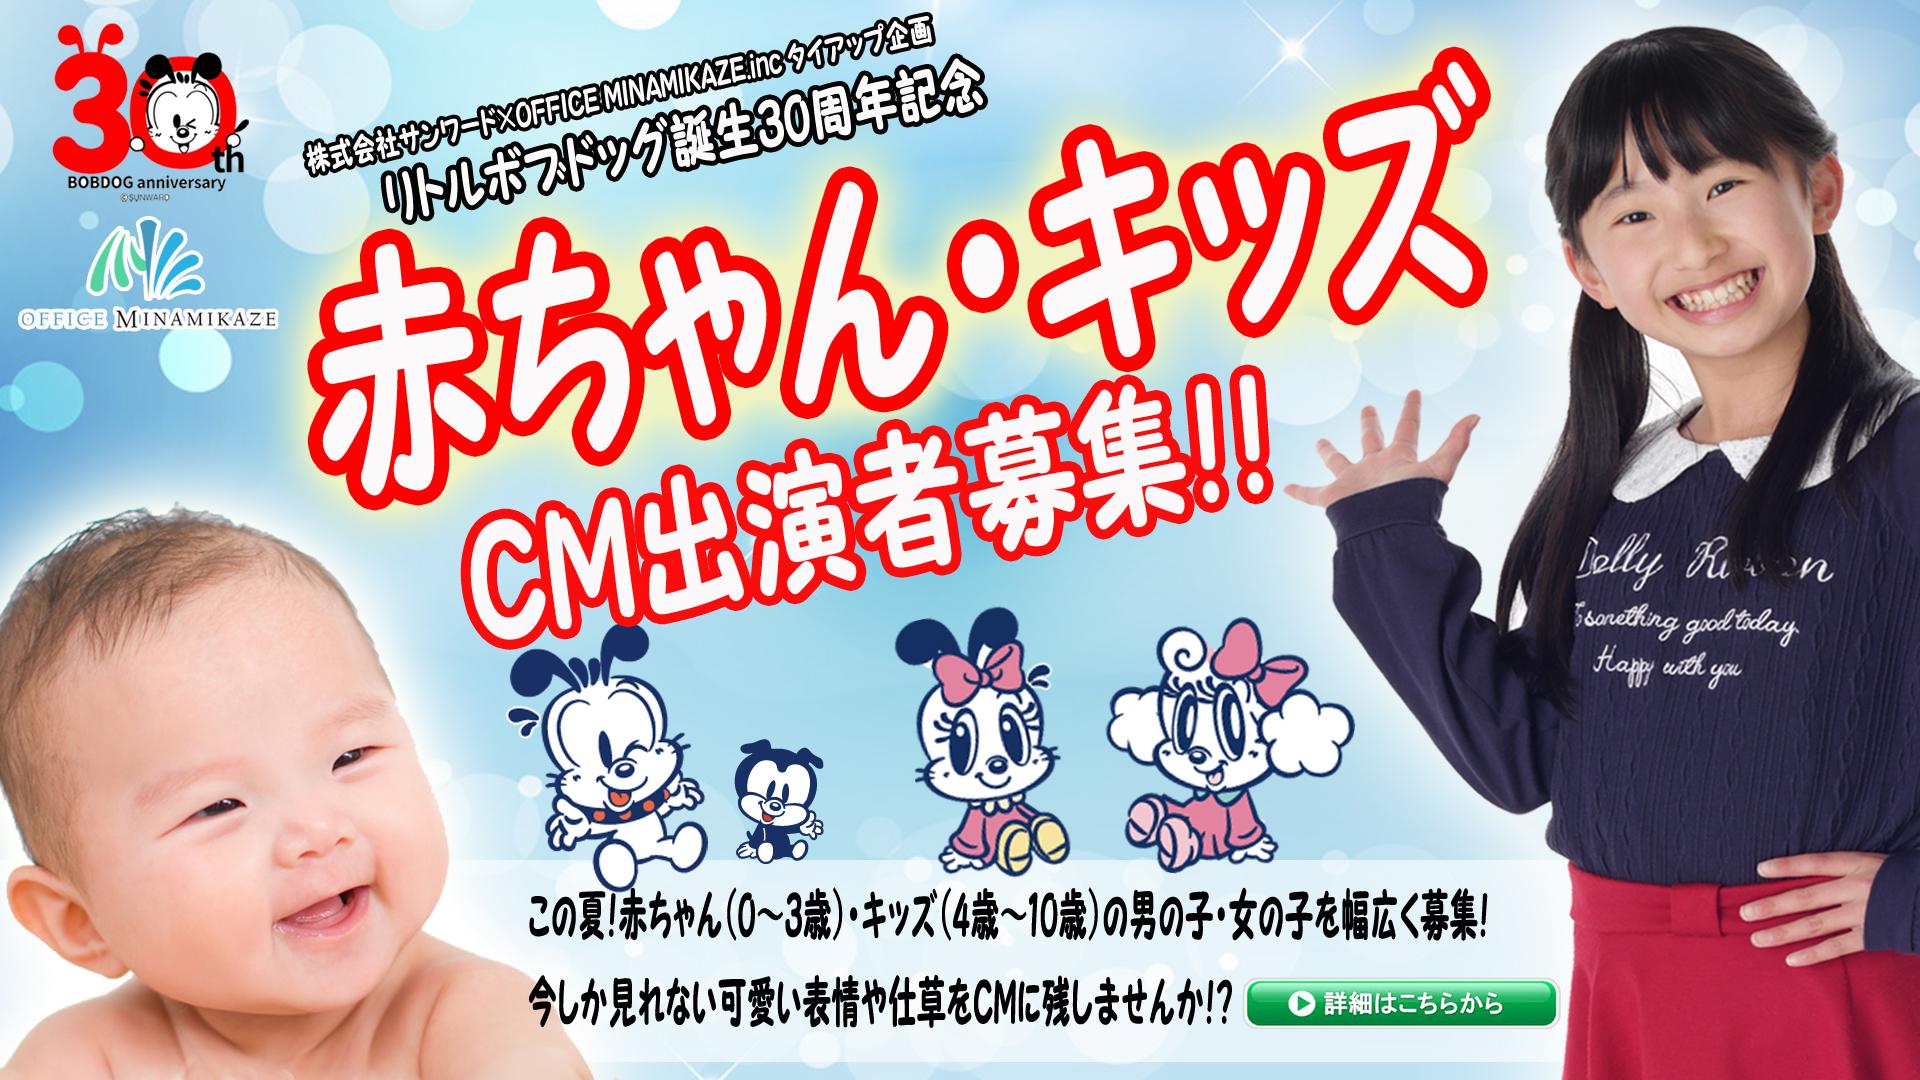 【応募受付終了】リトルボブドッグ誕生30周年記念CM出演者募集!